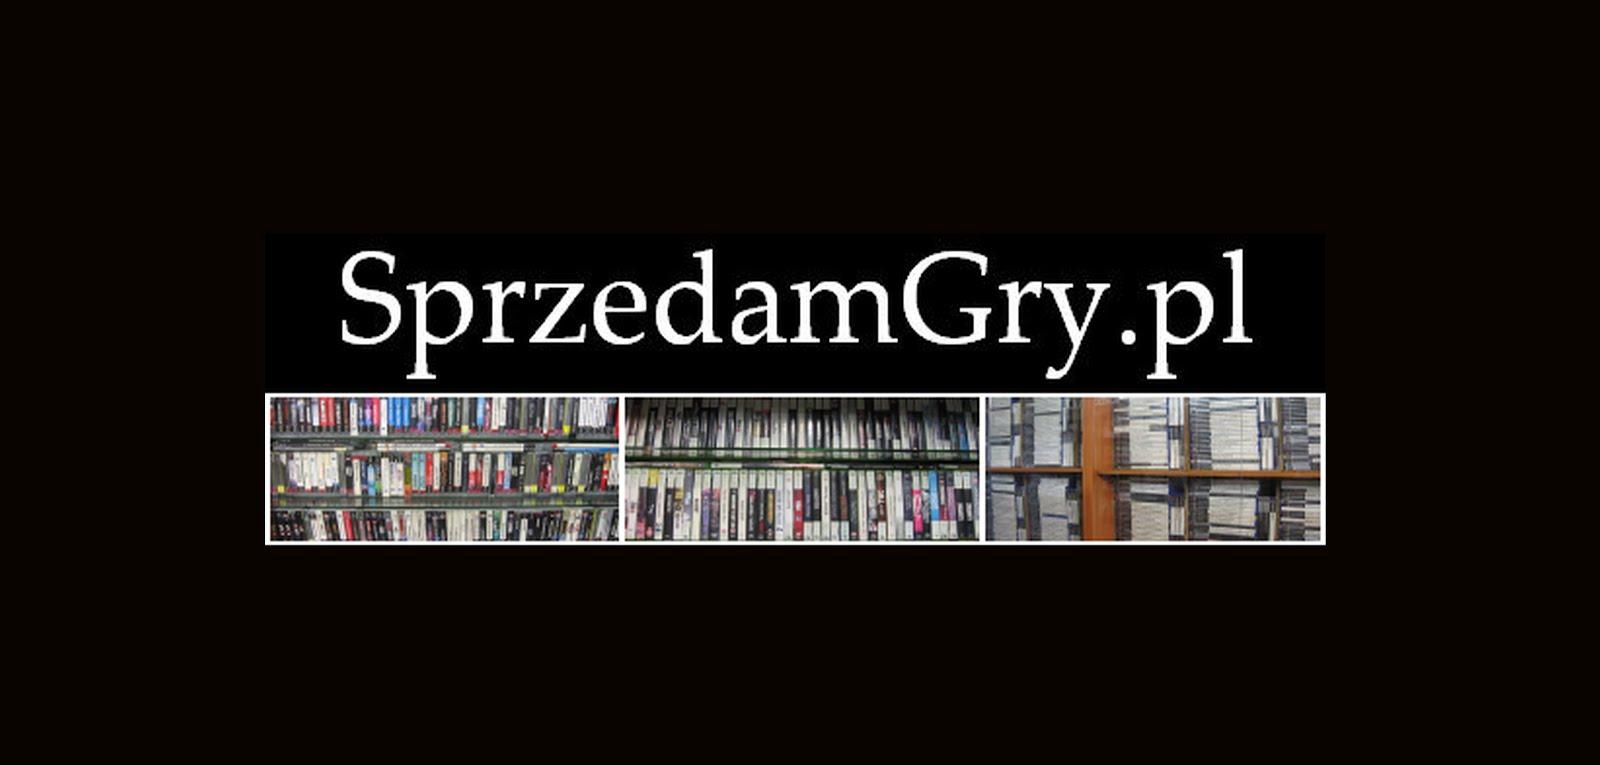 SprzedamGry.pl